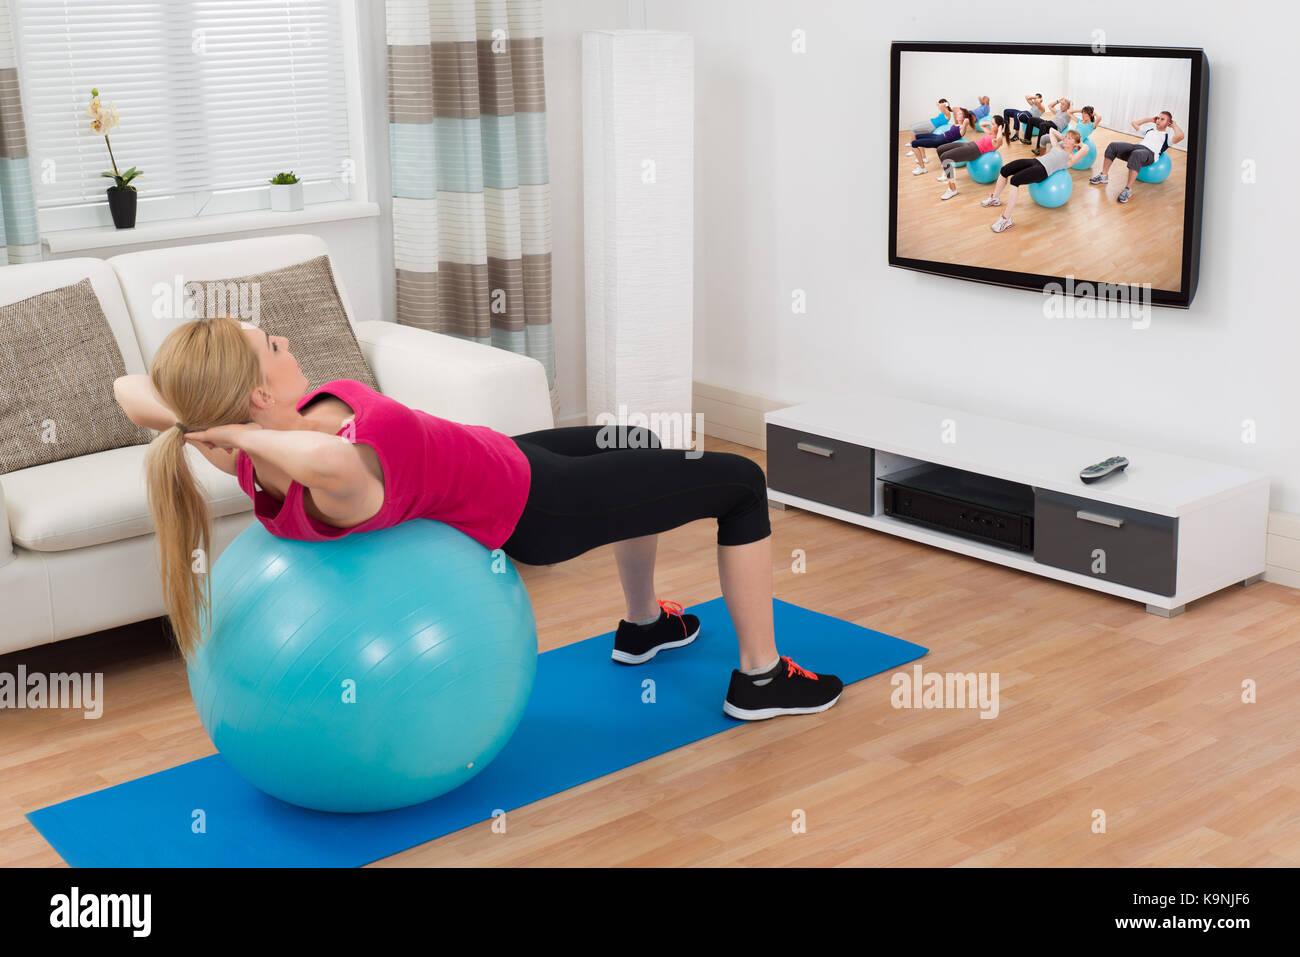 Mujer joven hacer ejercicio con pelota fitness azul mientras está viendo el programa de televisión Imagen De Stock